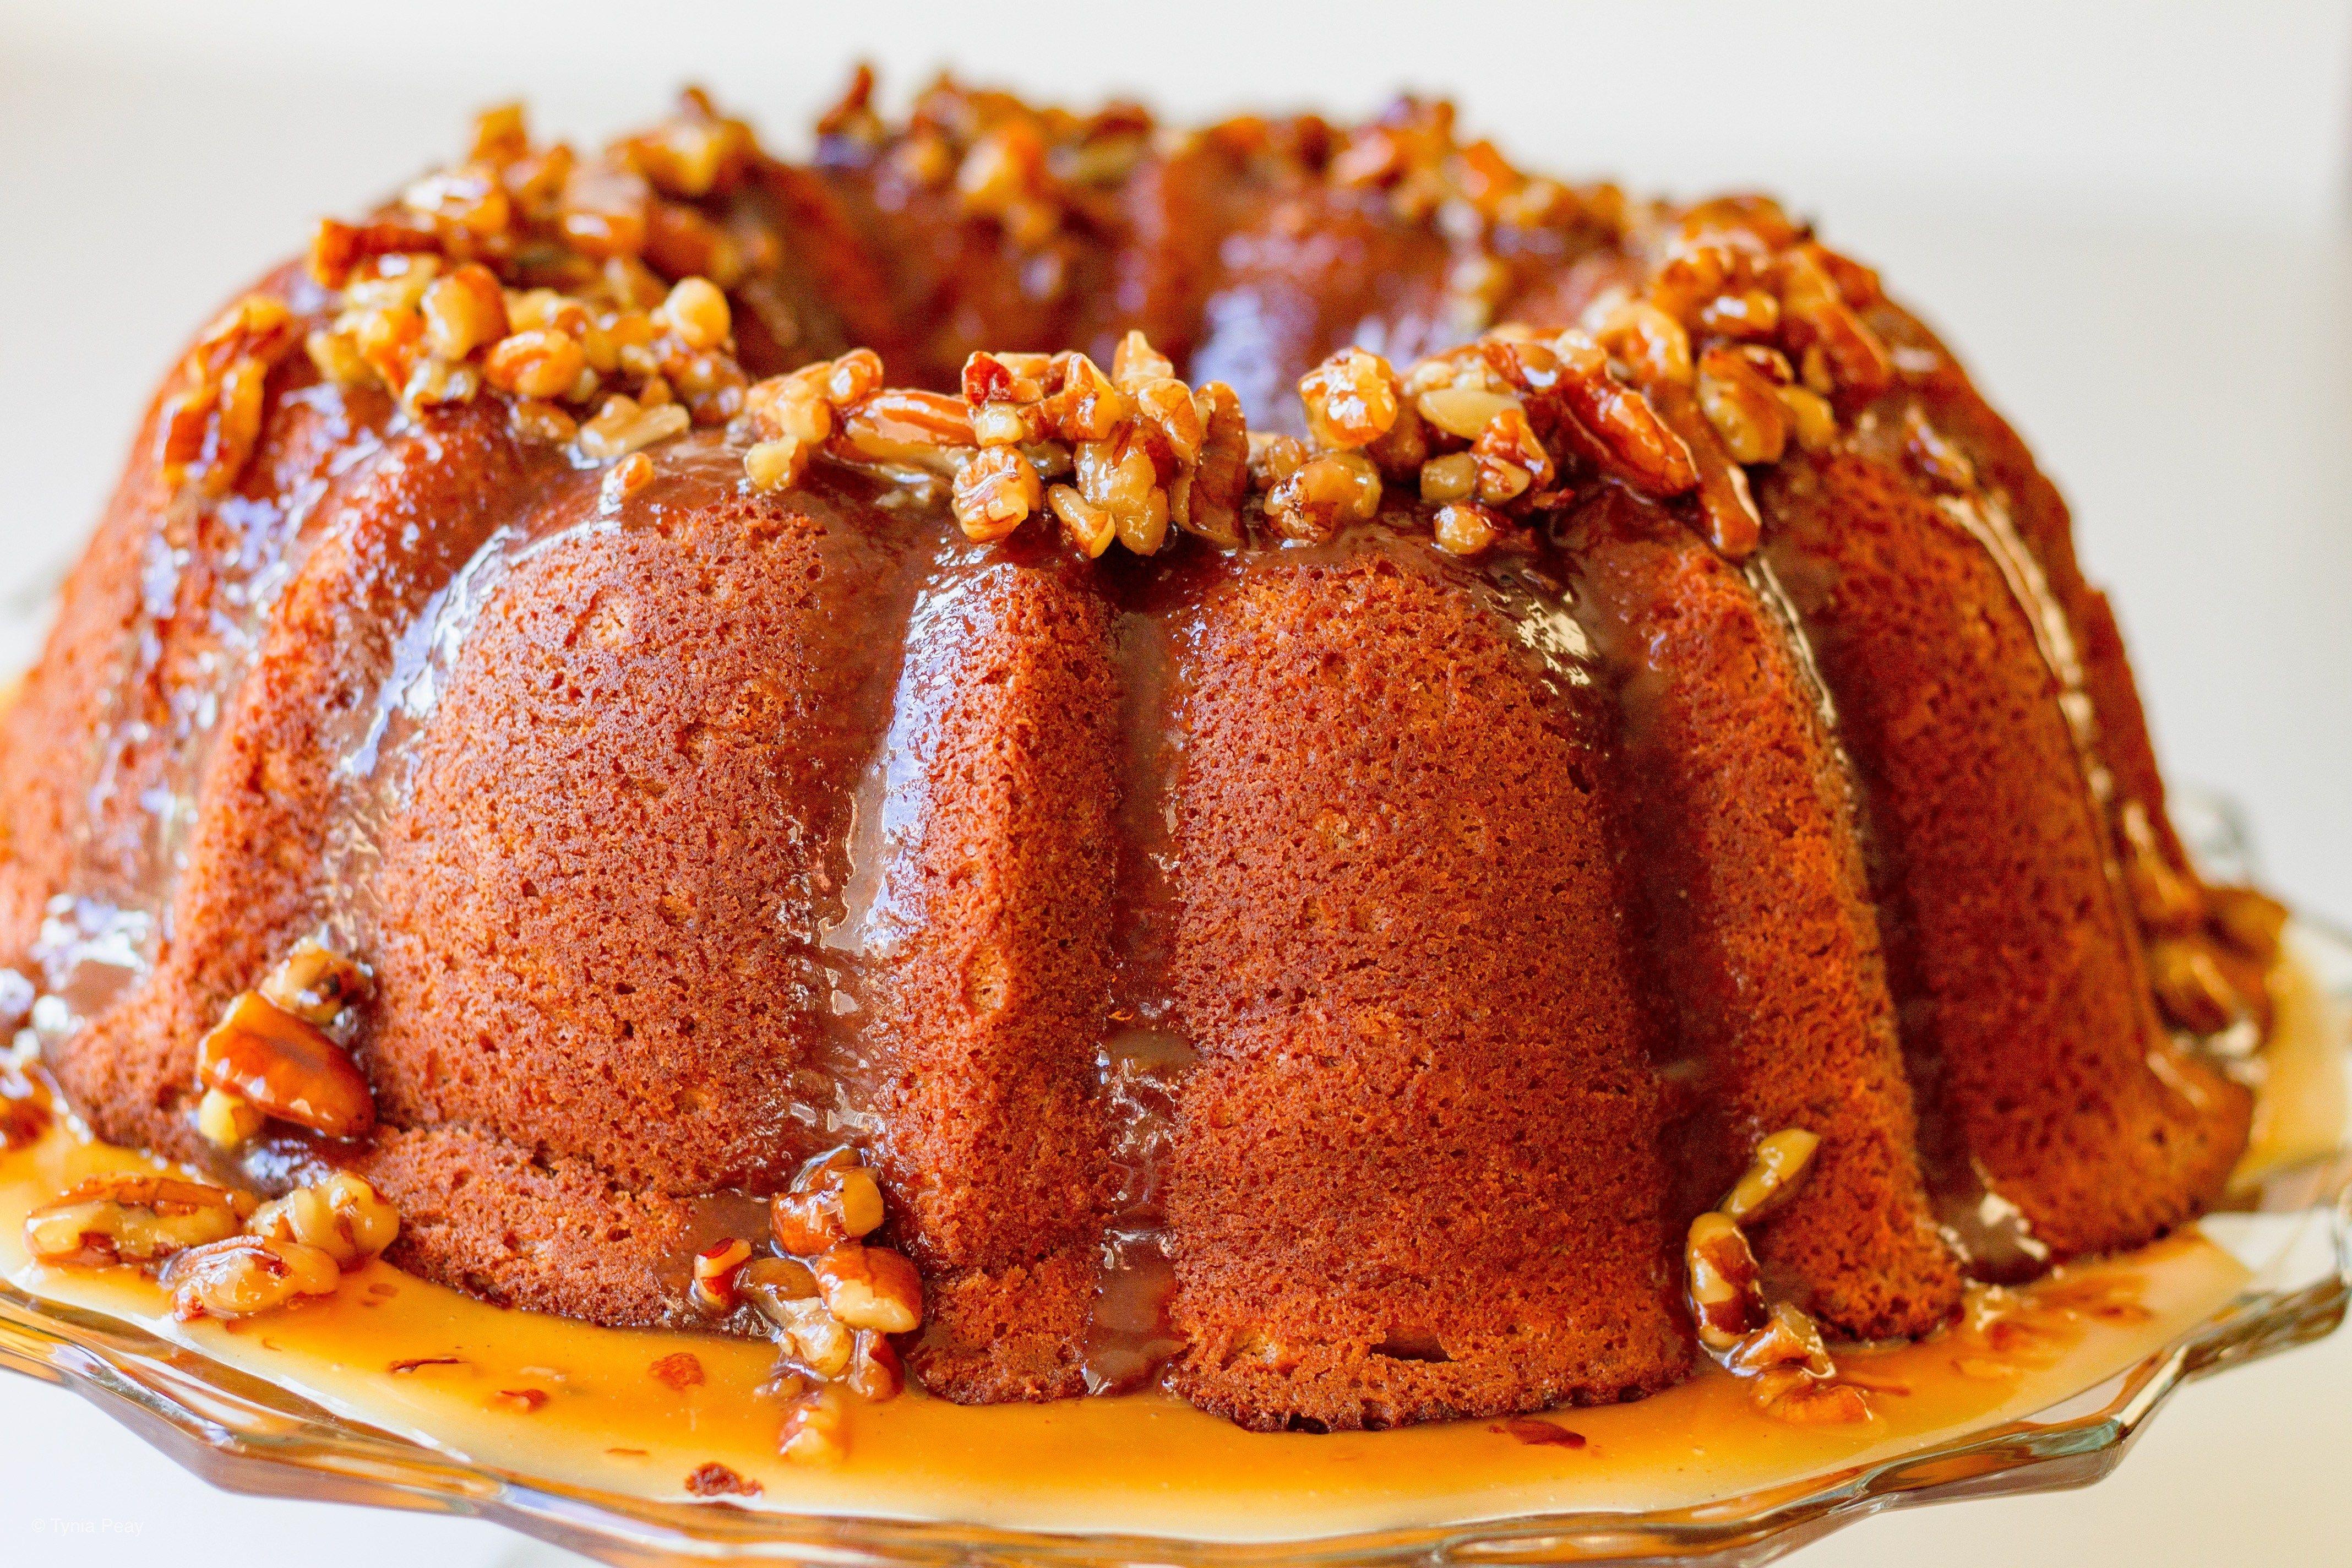 Ty S Sweet Potato Sour Cream Pound Cake Recipe Sweet Potato Cake Sour Cream Pound Cake Sweet Potato Pound Cake